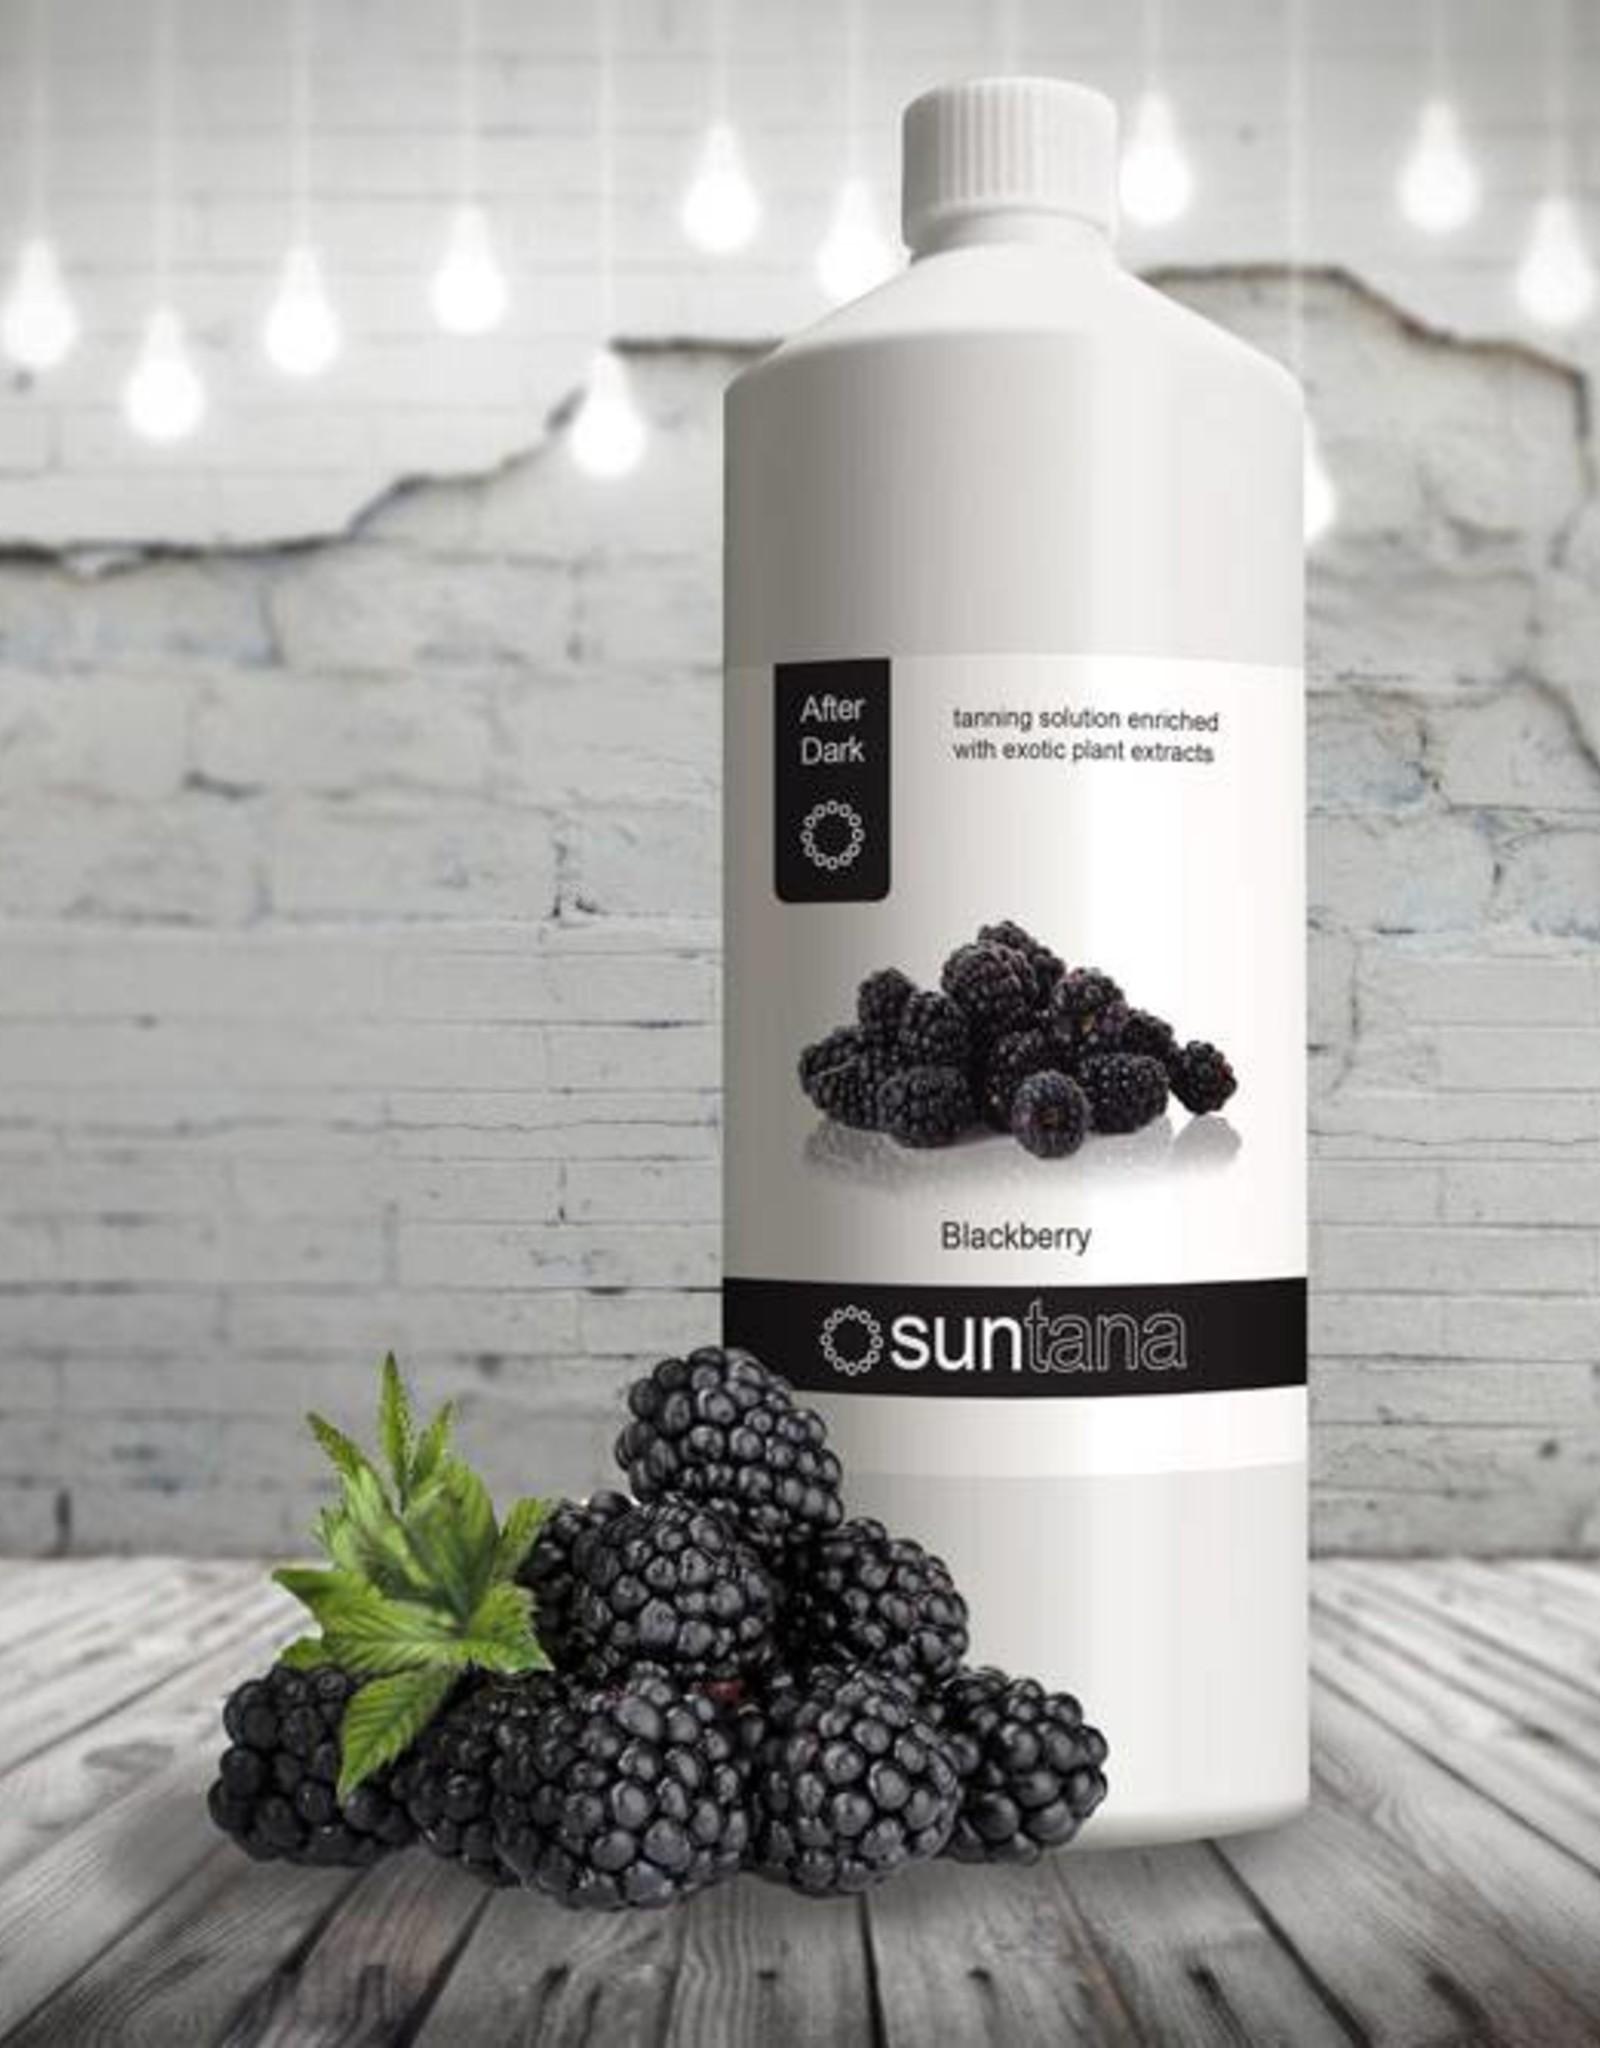 Suntana Suntana Blackberry - 14% DHA - Spray Tan vloeistof